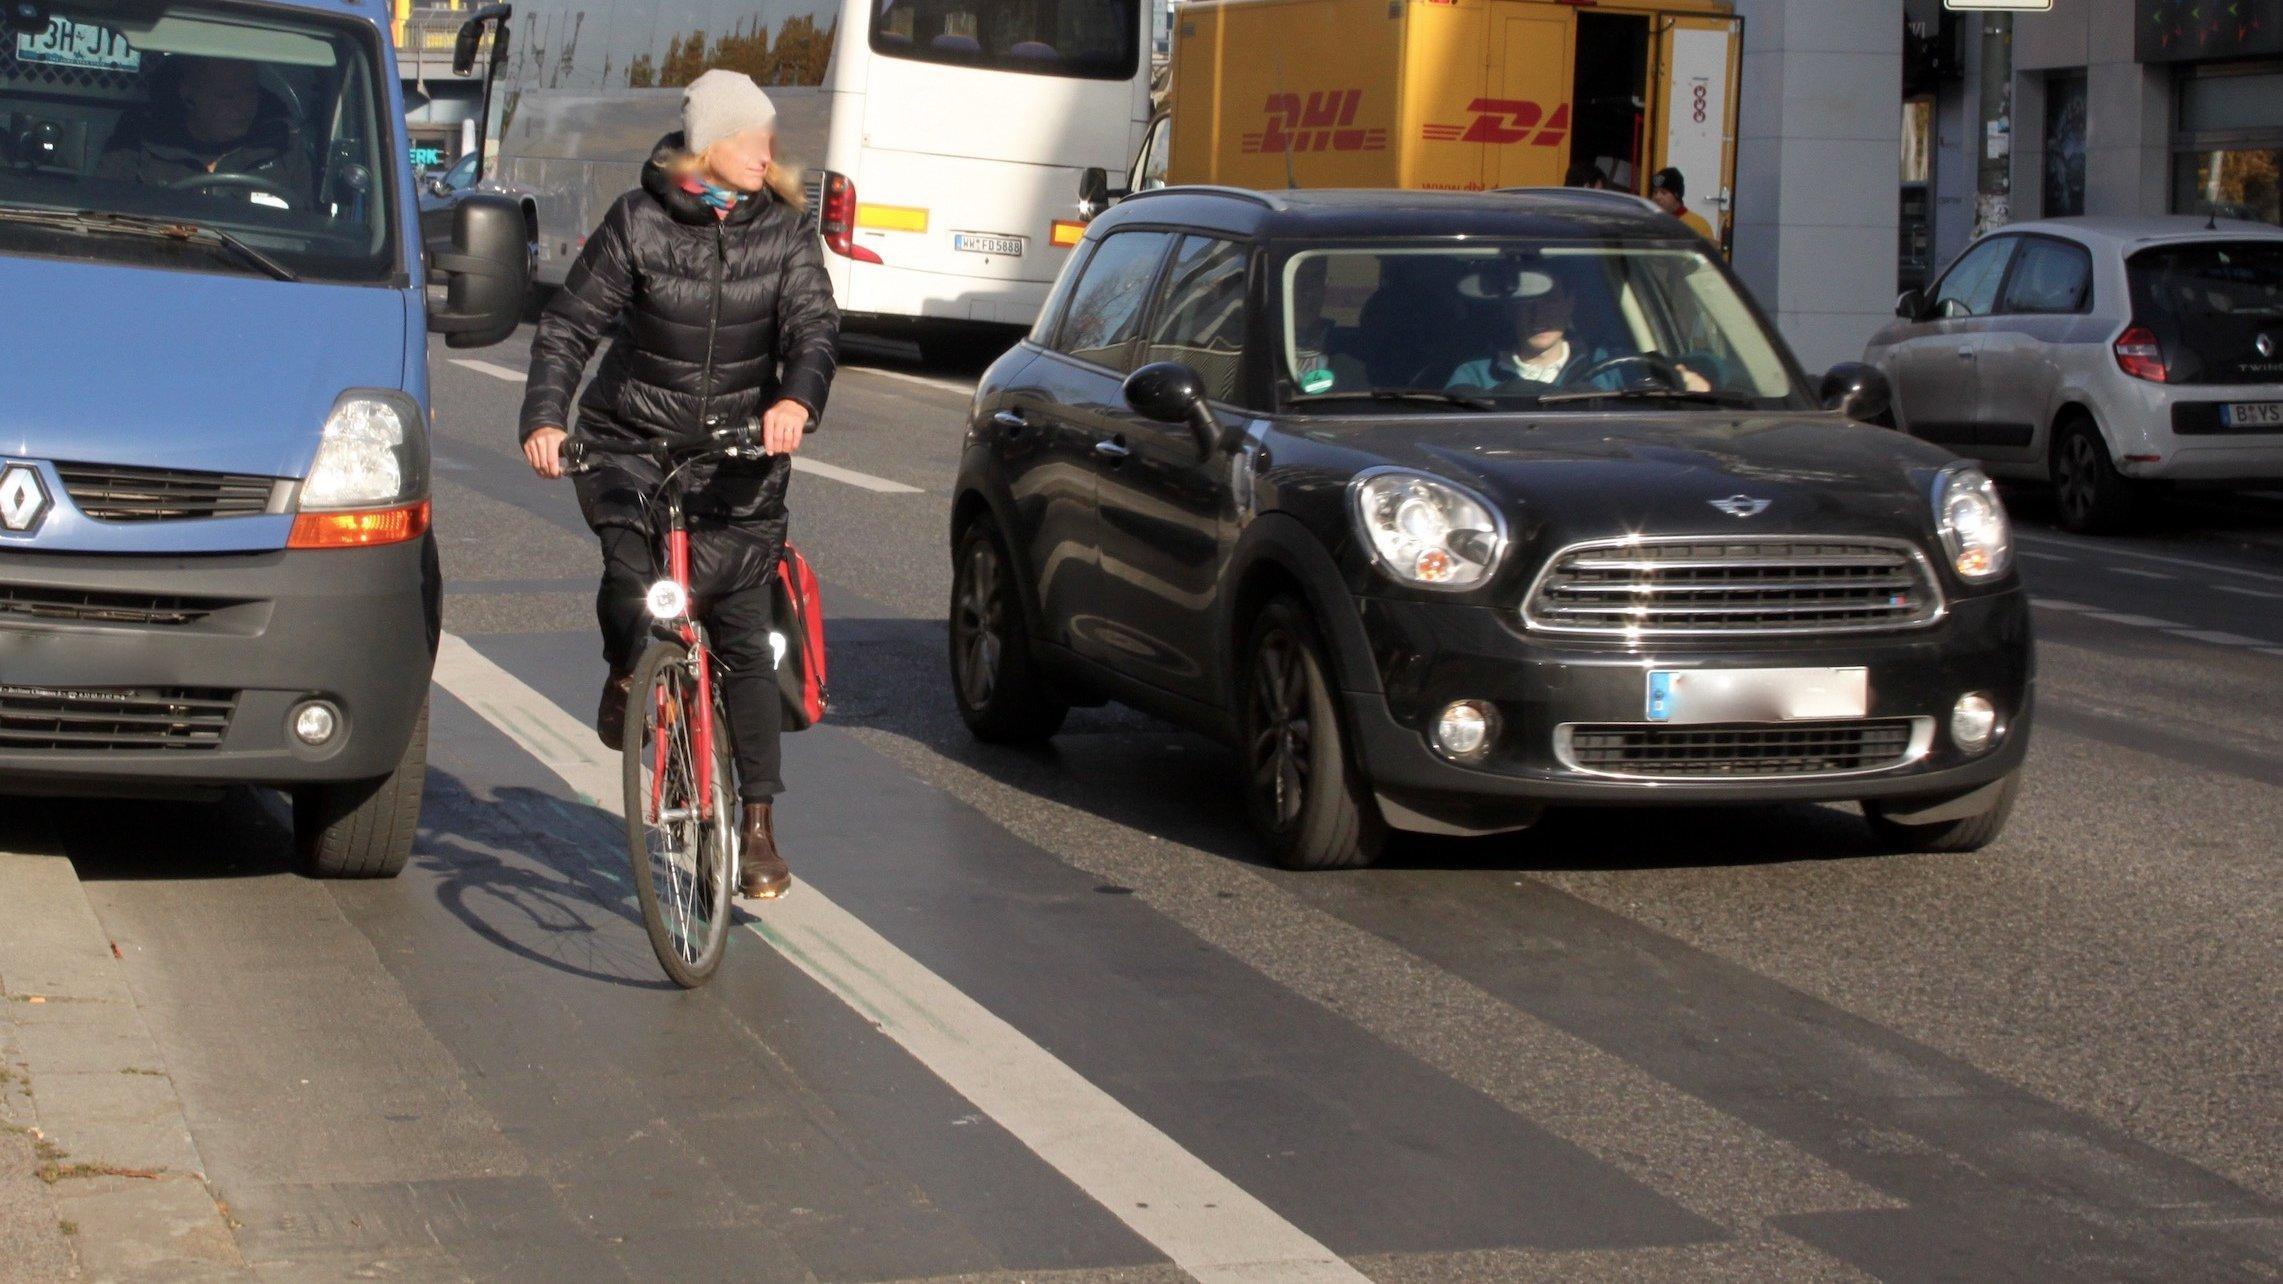 Eine Radfahrerin hat einen blauen Transporter überholt, der ihren Radweg auf der Straße blockiert. Der Verkehr ist dicht. Direkt links von ihr fährt ein Mini.